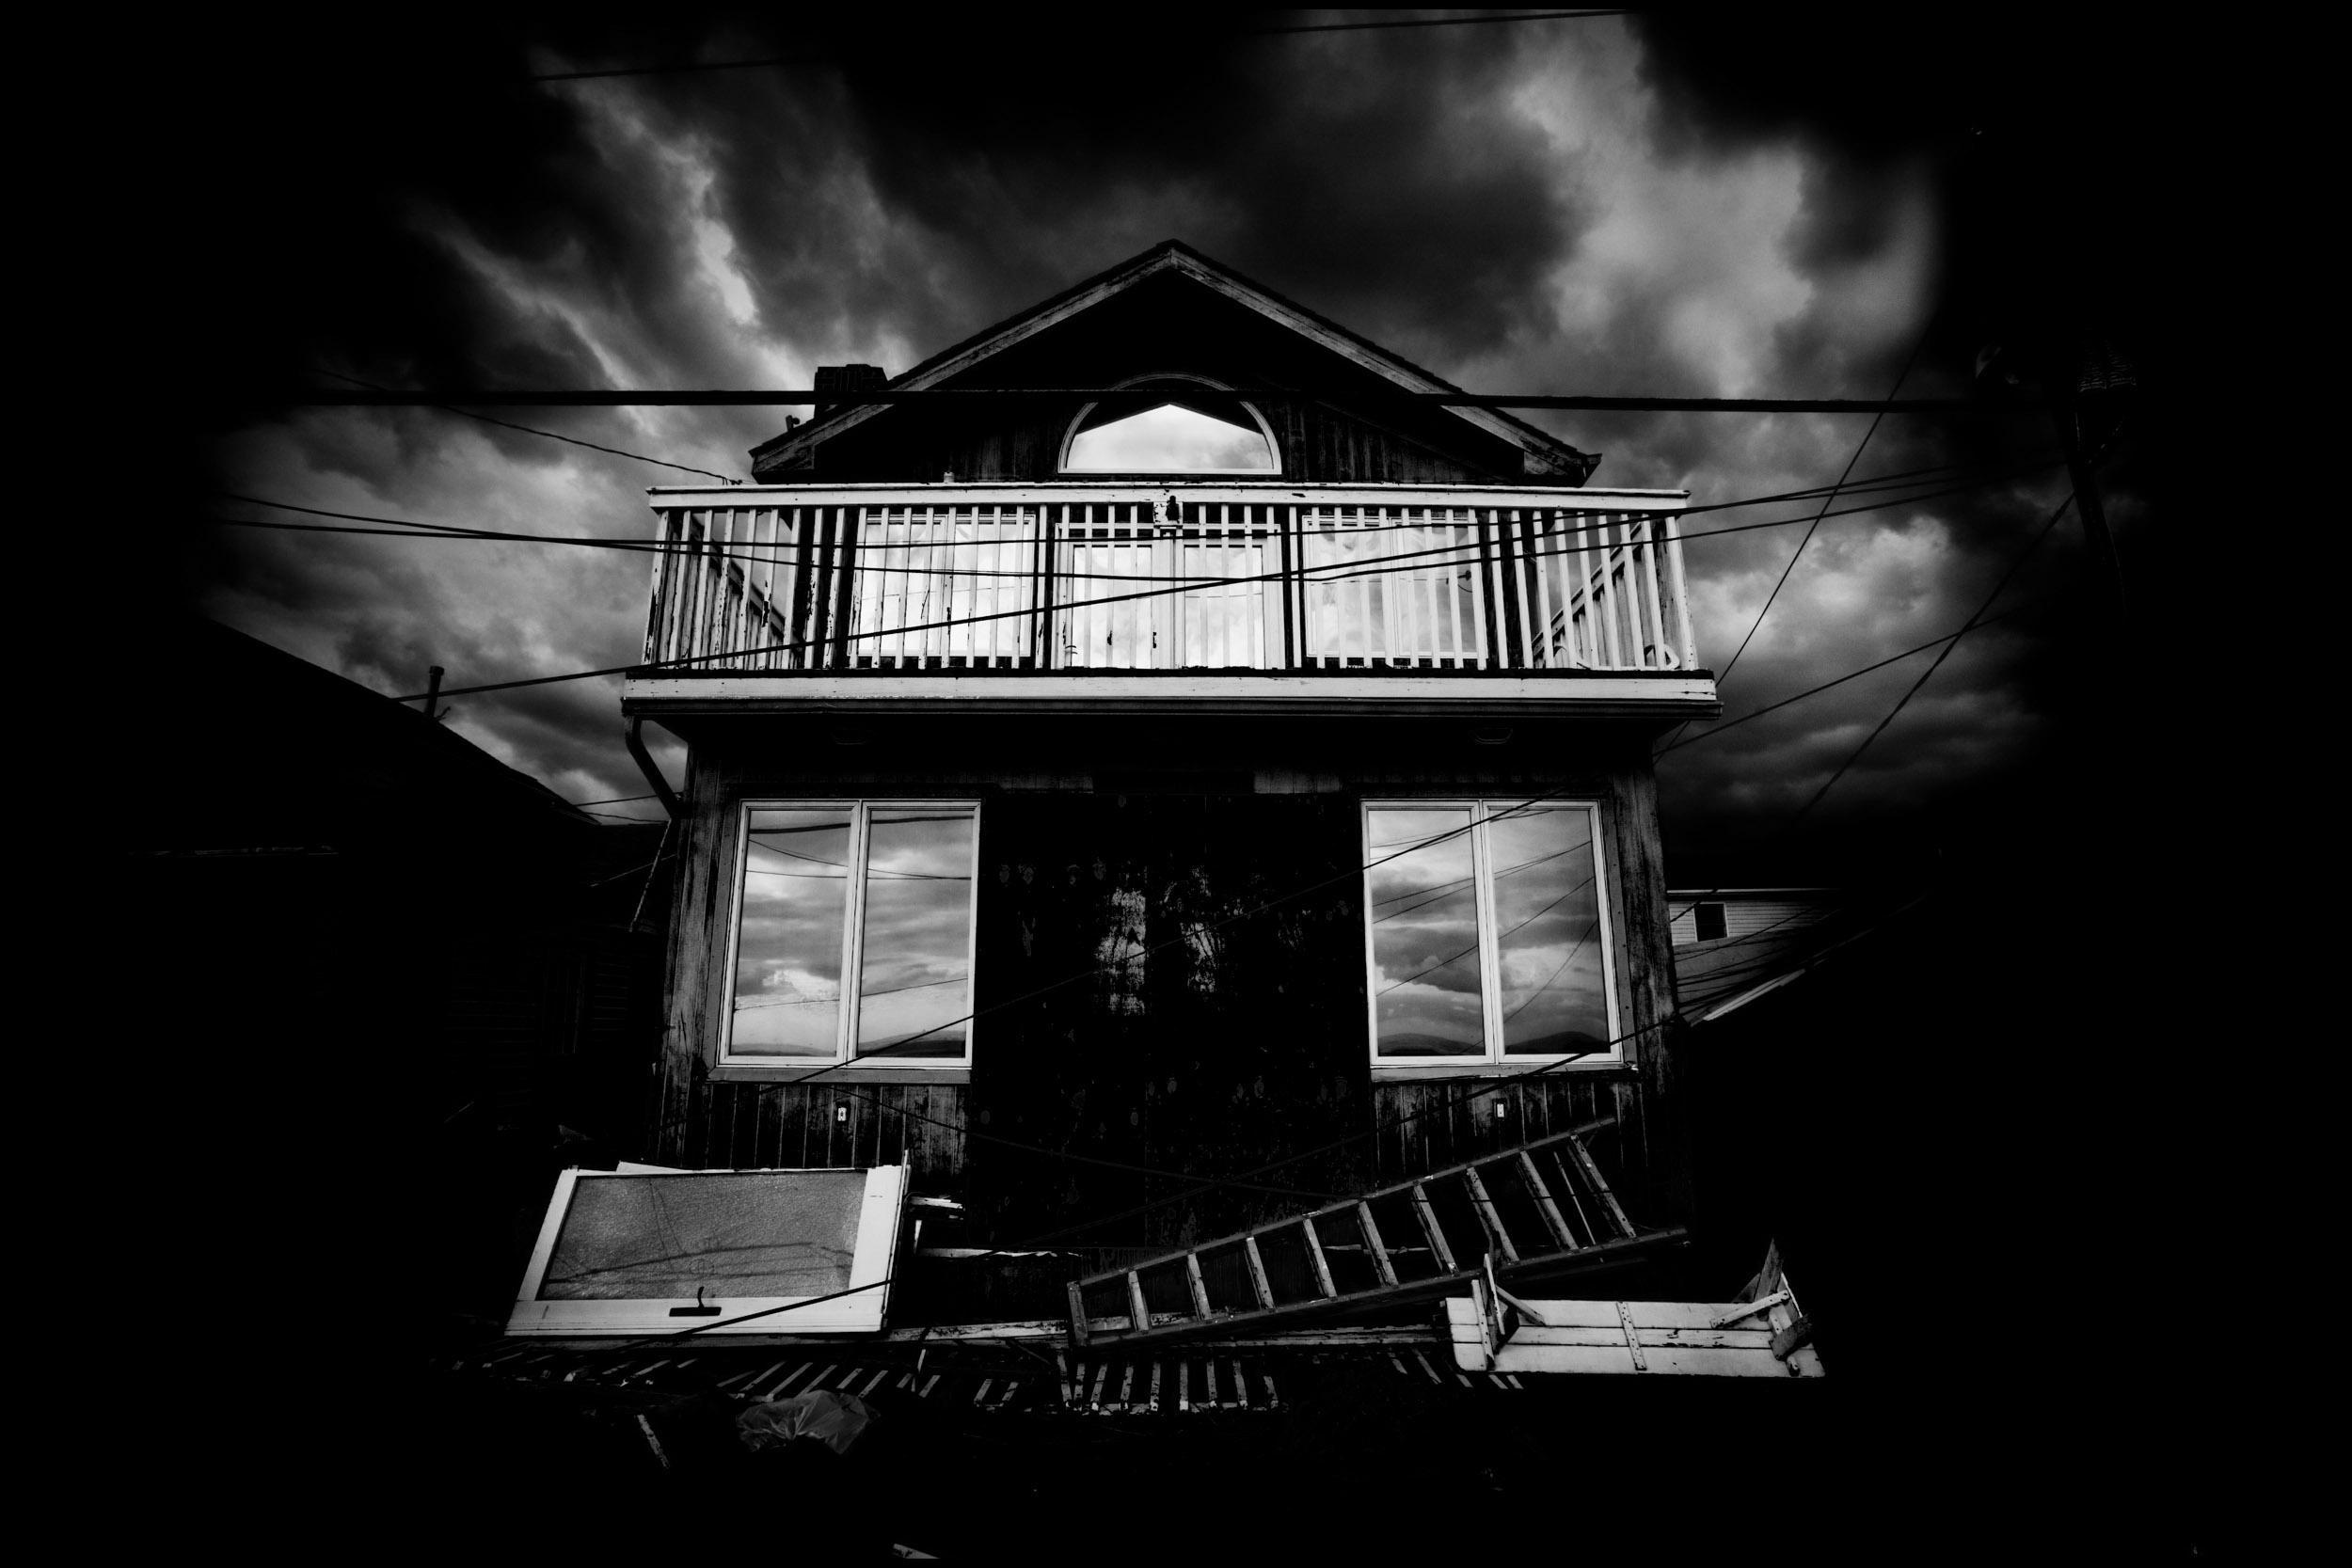 d2aaa6a8d9f5 ZORIAH - A PHOTOJOURNALIST AND WAR PHOTOGRAPHER S BLOG  Hurricane ...